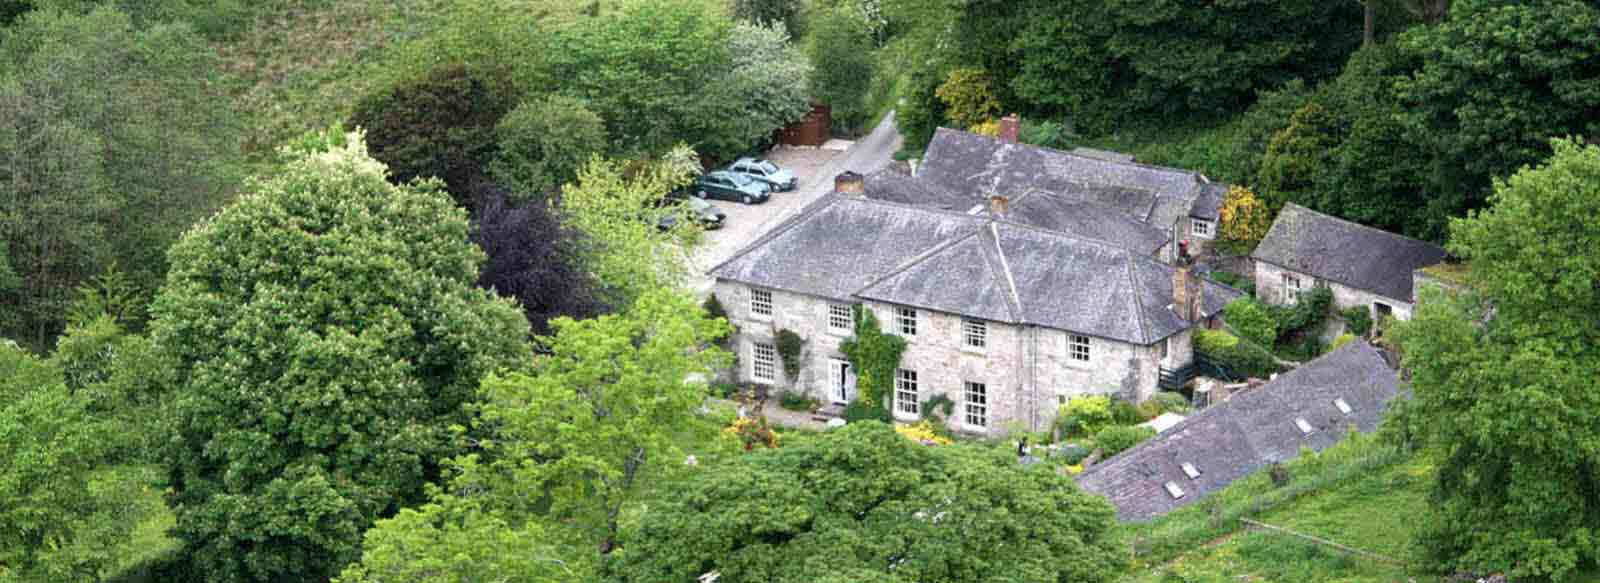 Pen-y-Dyffryn Hotel in Oswestry, Shropshire